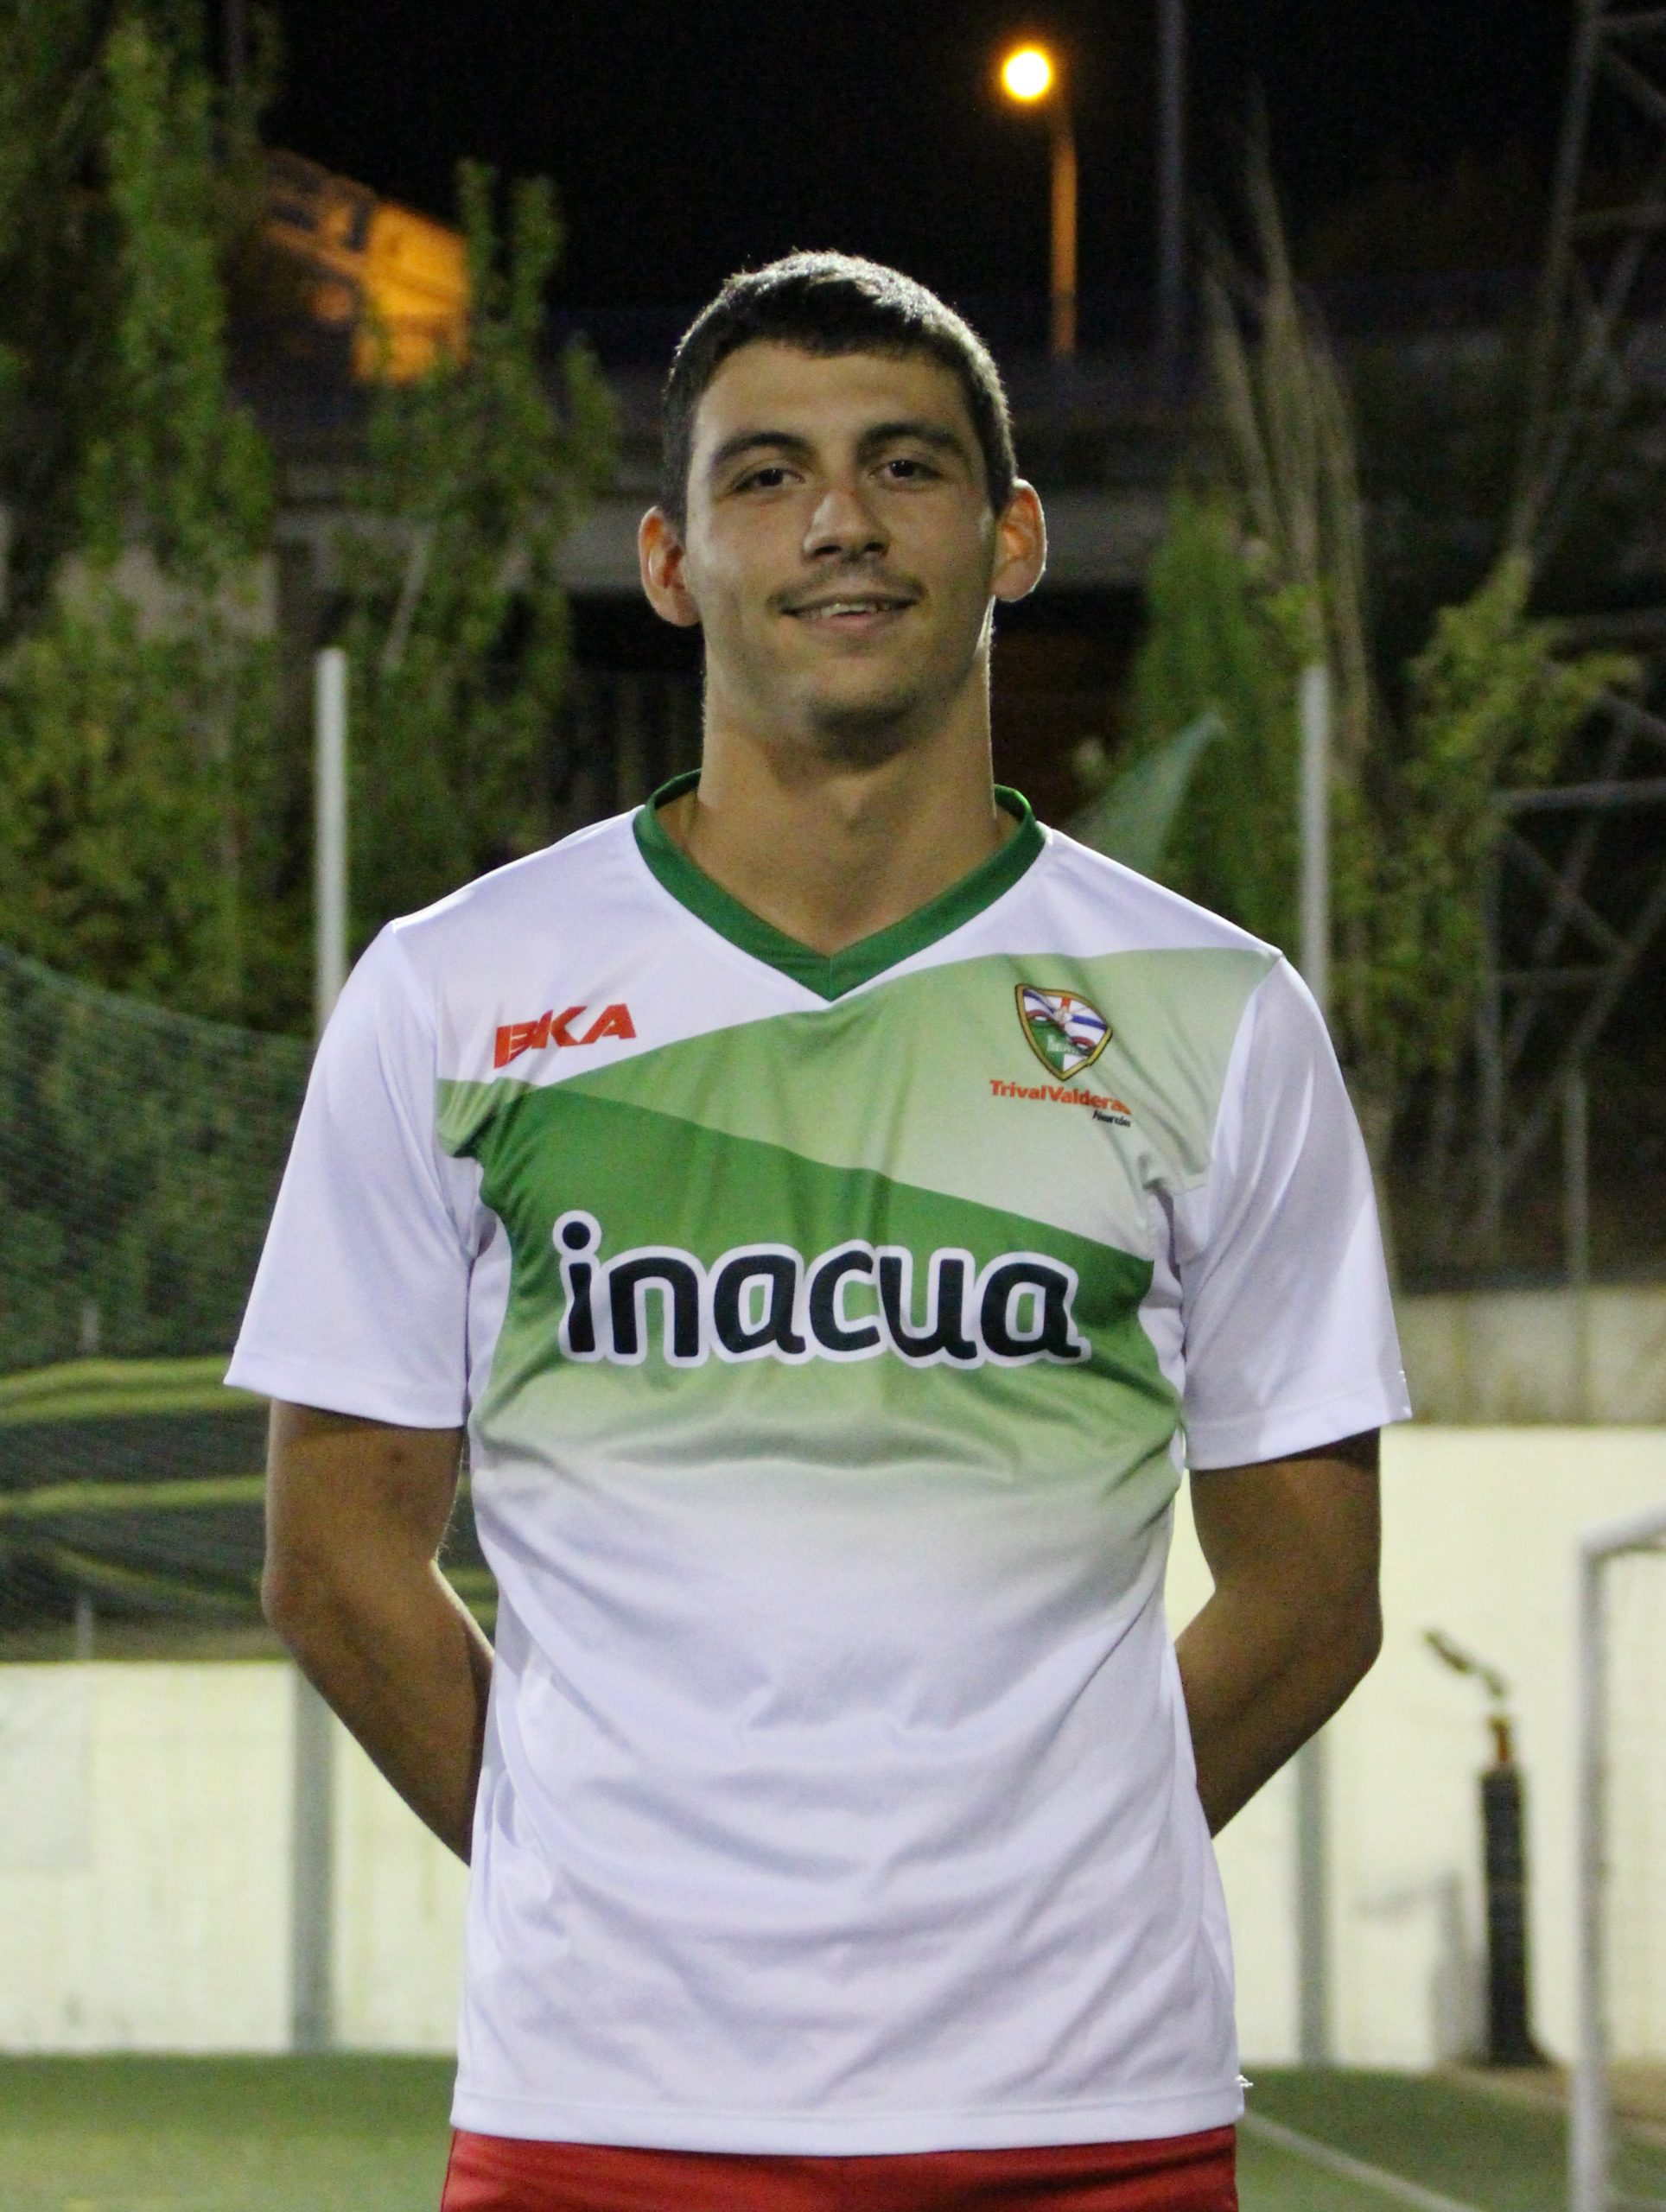 Mario Barrio Balsera